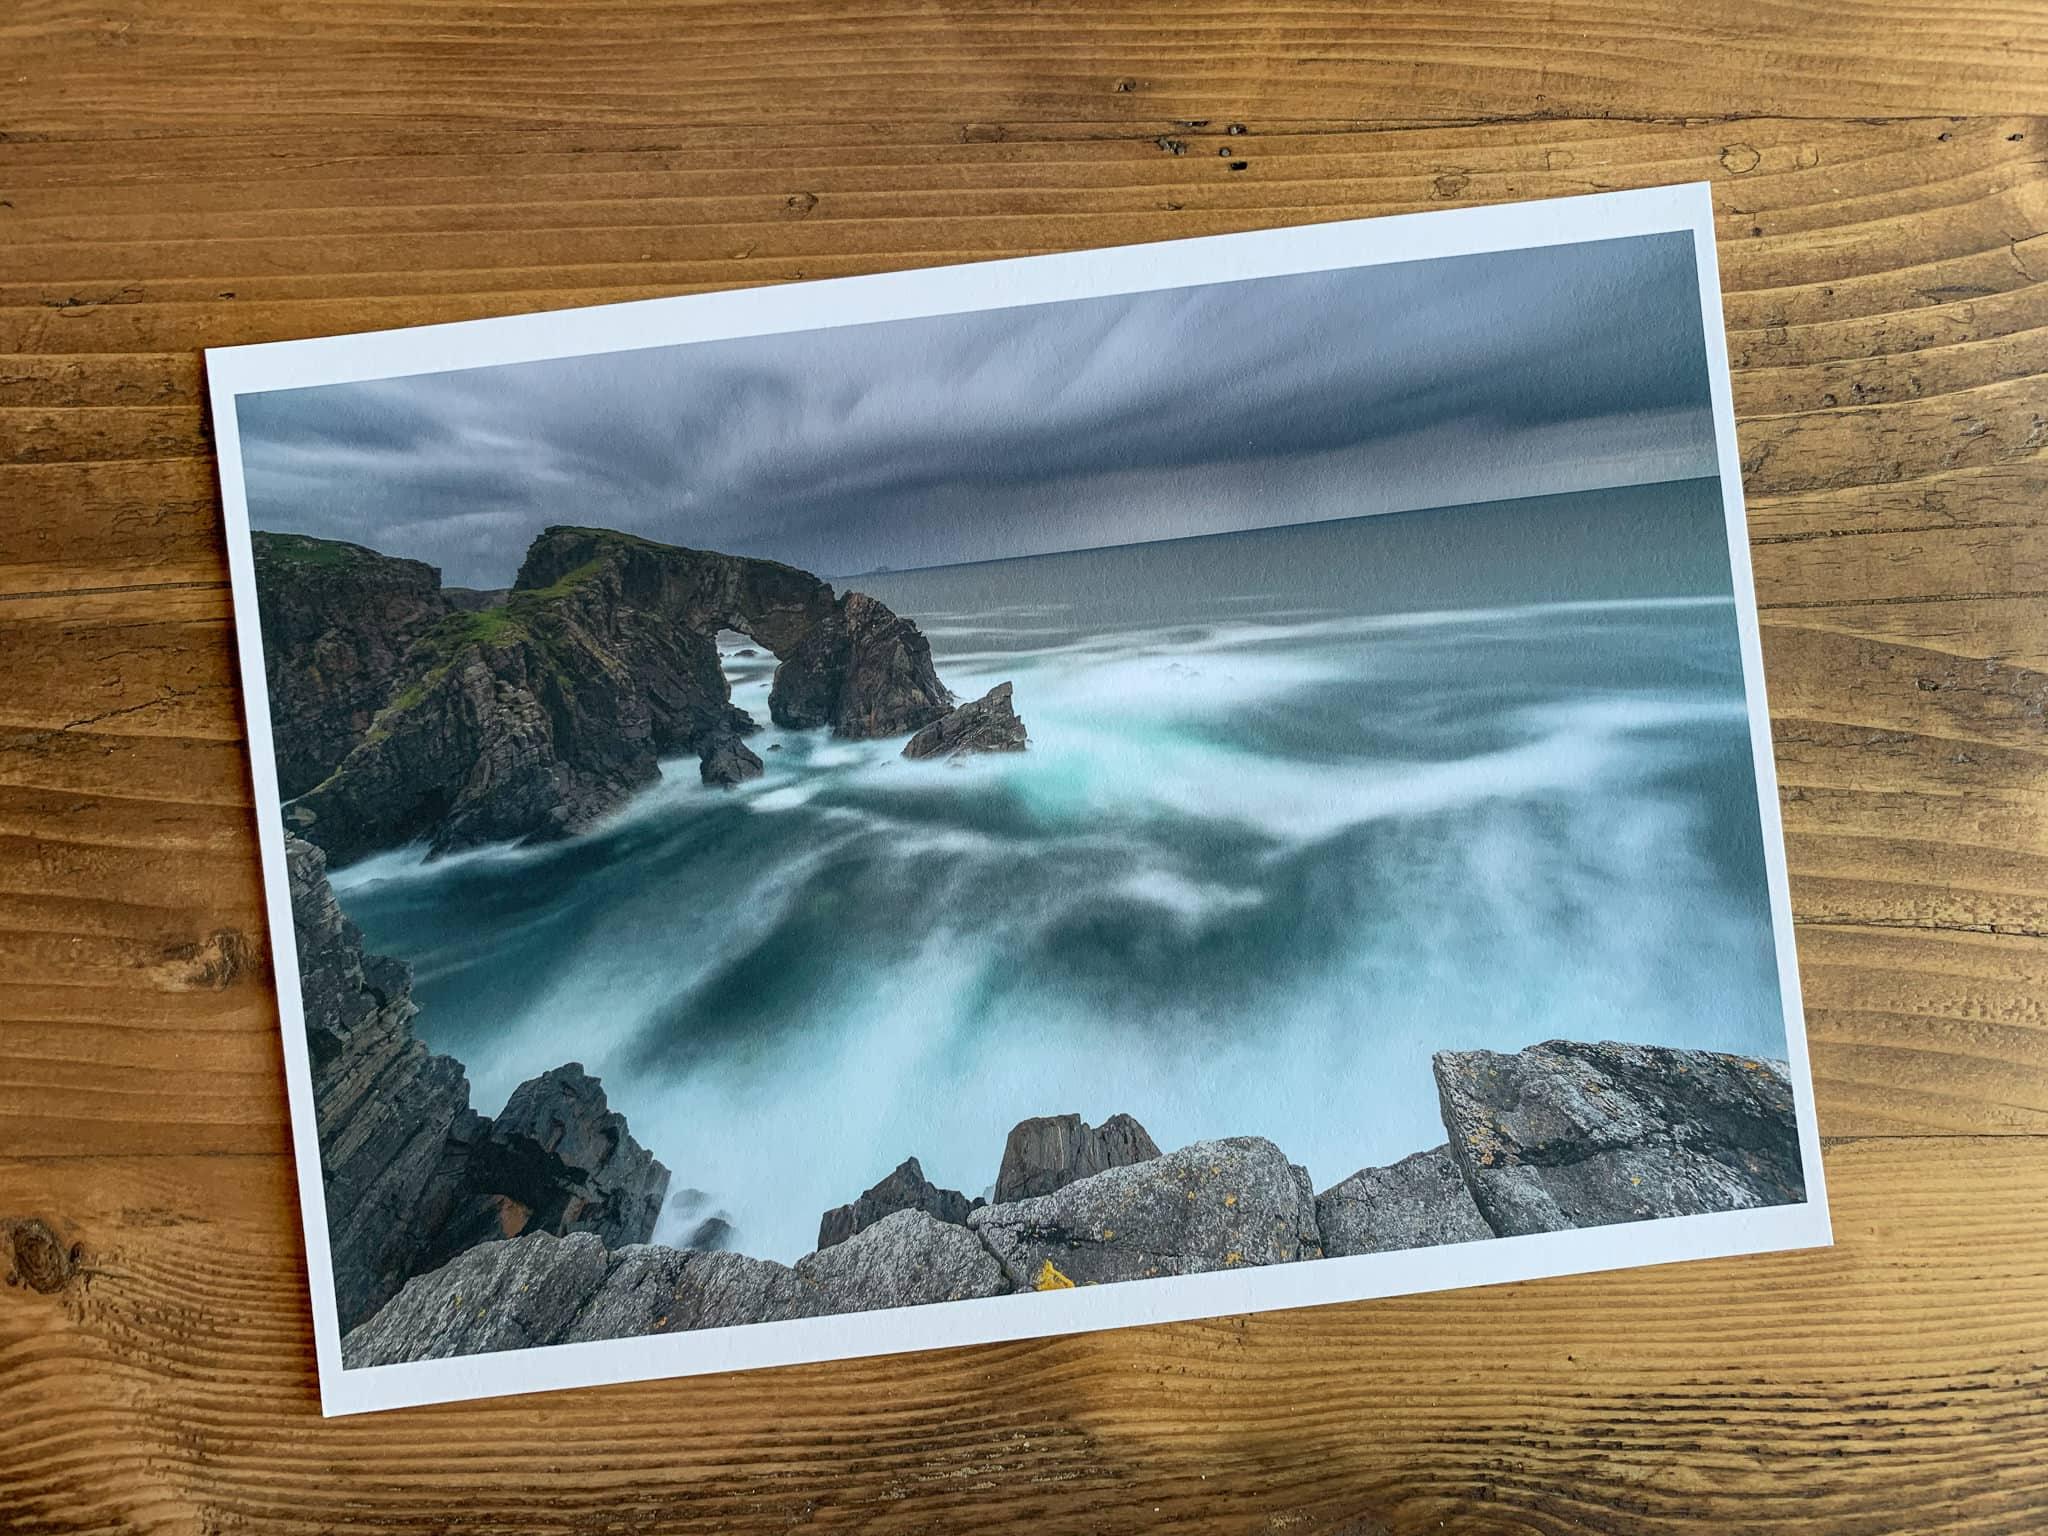 Francesco Gola Seascape Long Exposure Photography Review Best Fine Art Paper Hahnemuhle Hahnemühle R2